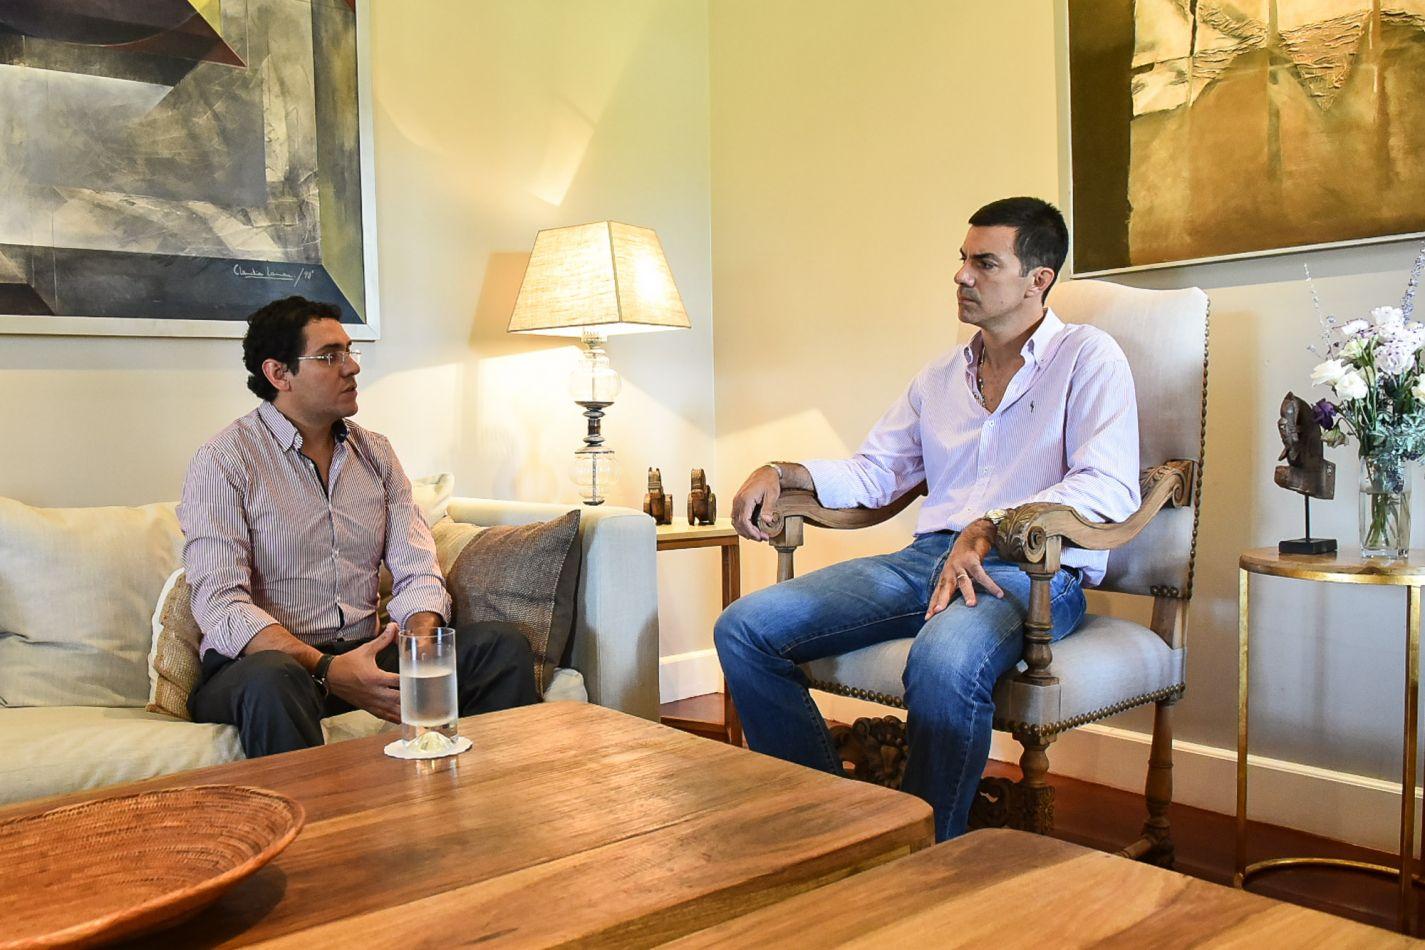 Urtubey y el intendente de Rosario de la Frontera evaluaron el desarrollo económico y turístico del sur provincial